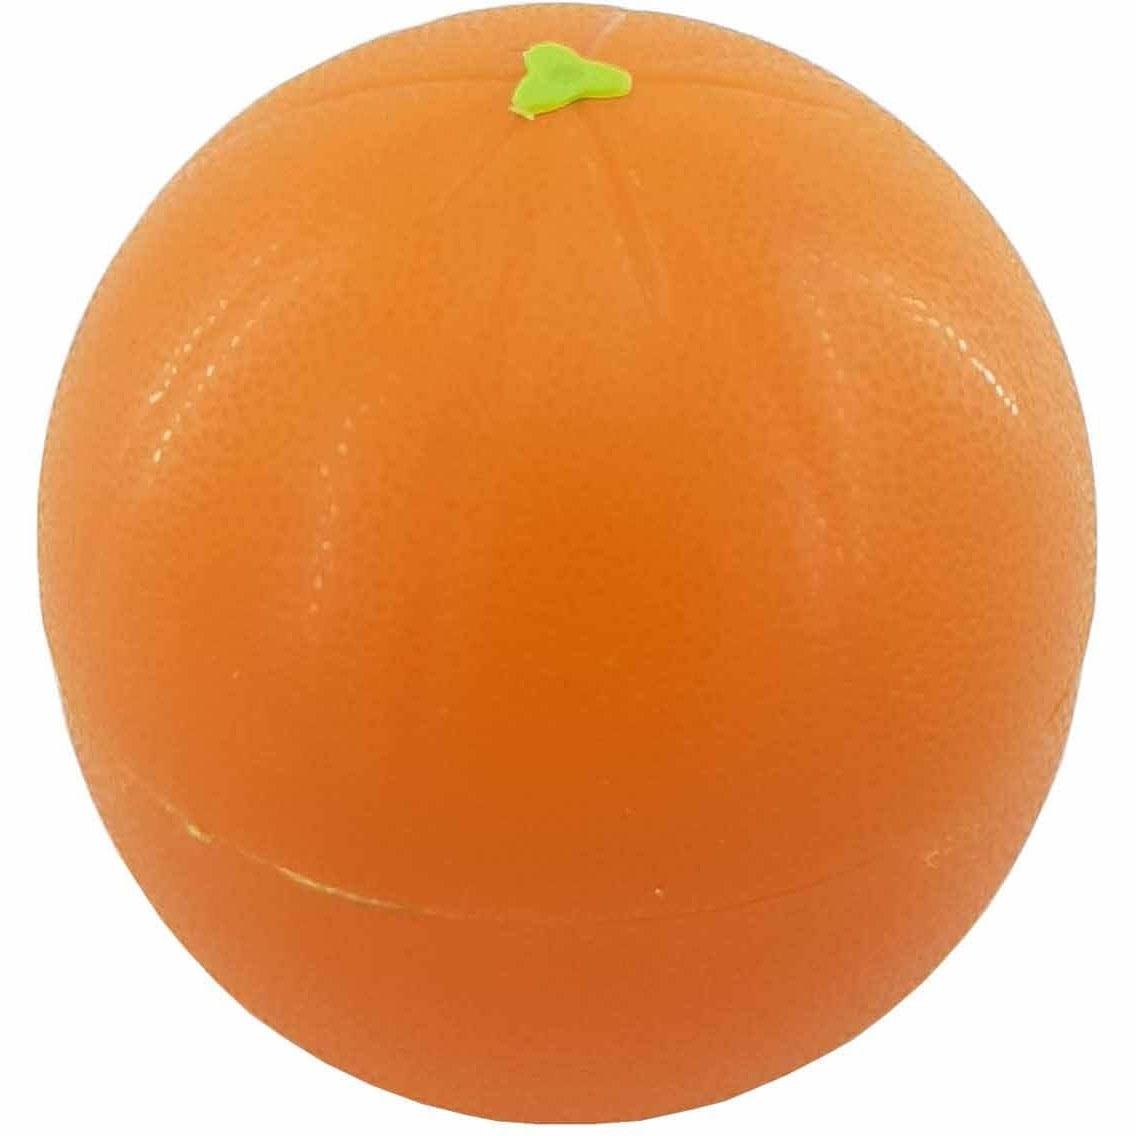 تصویر آبمیوه گیر دستی طرح پرتقال